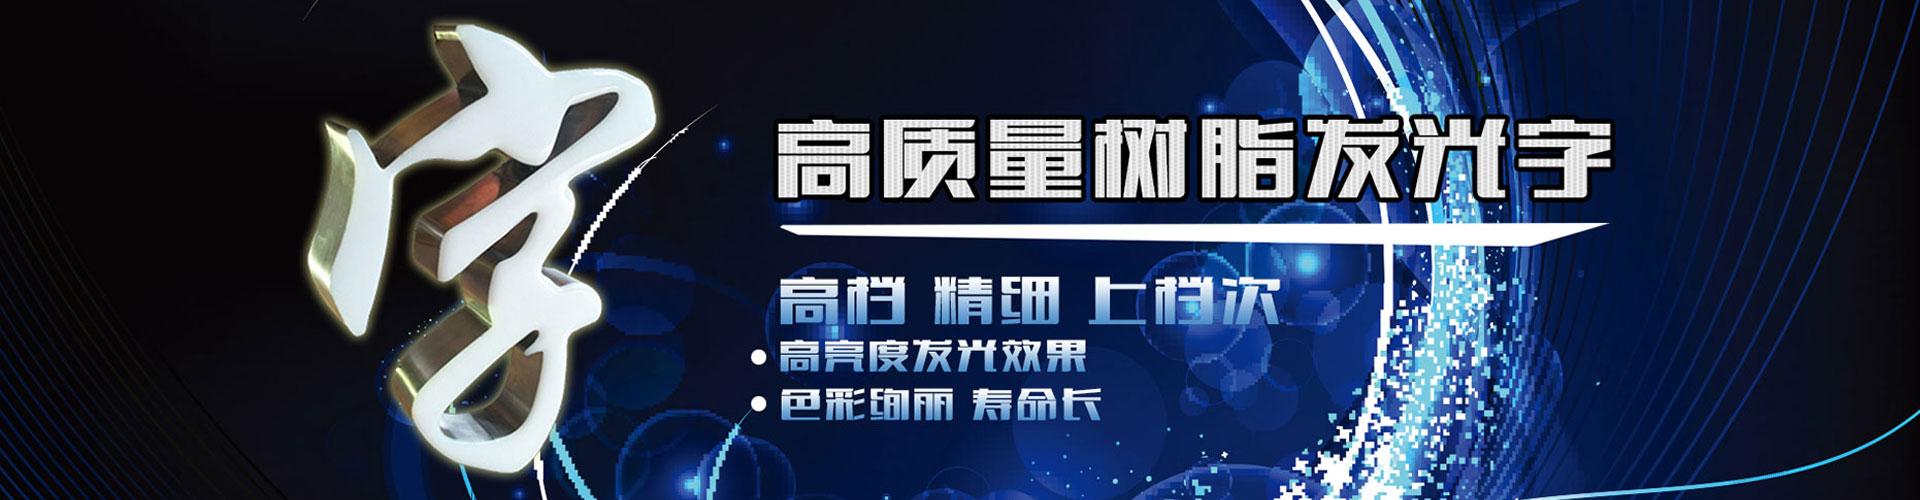 重庆文宇虹广告有限公司